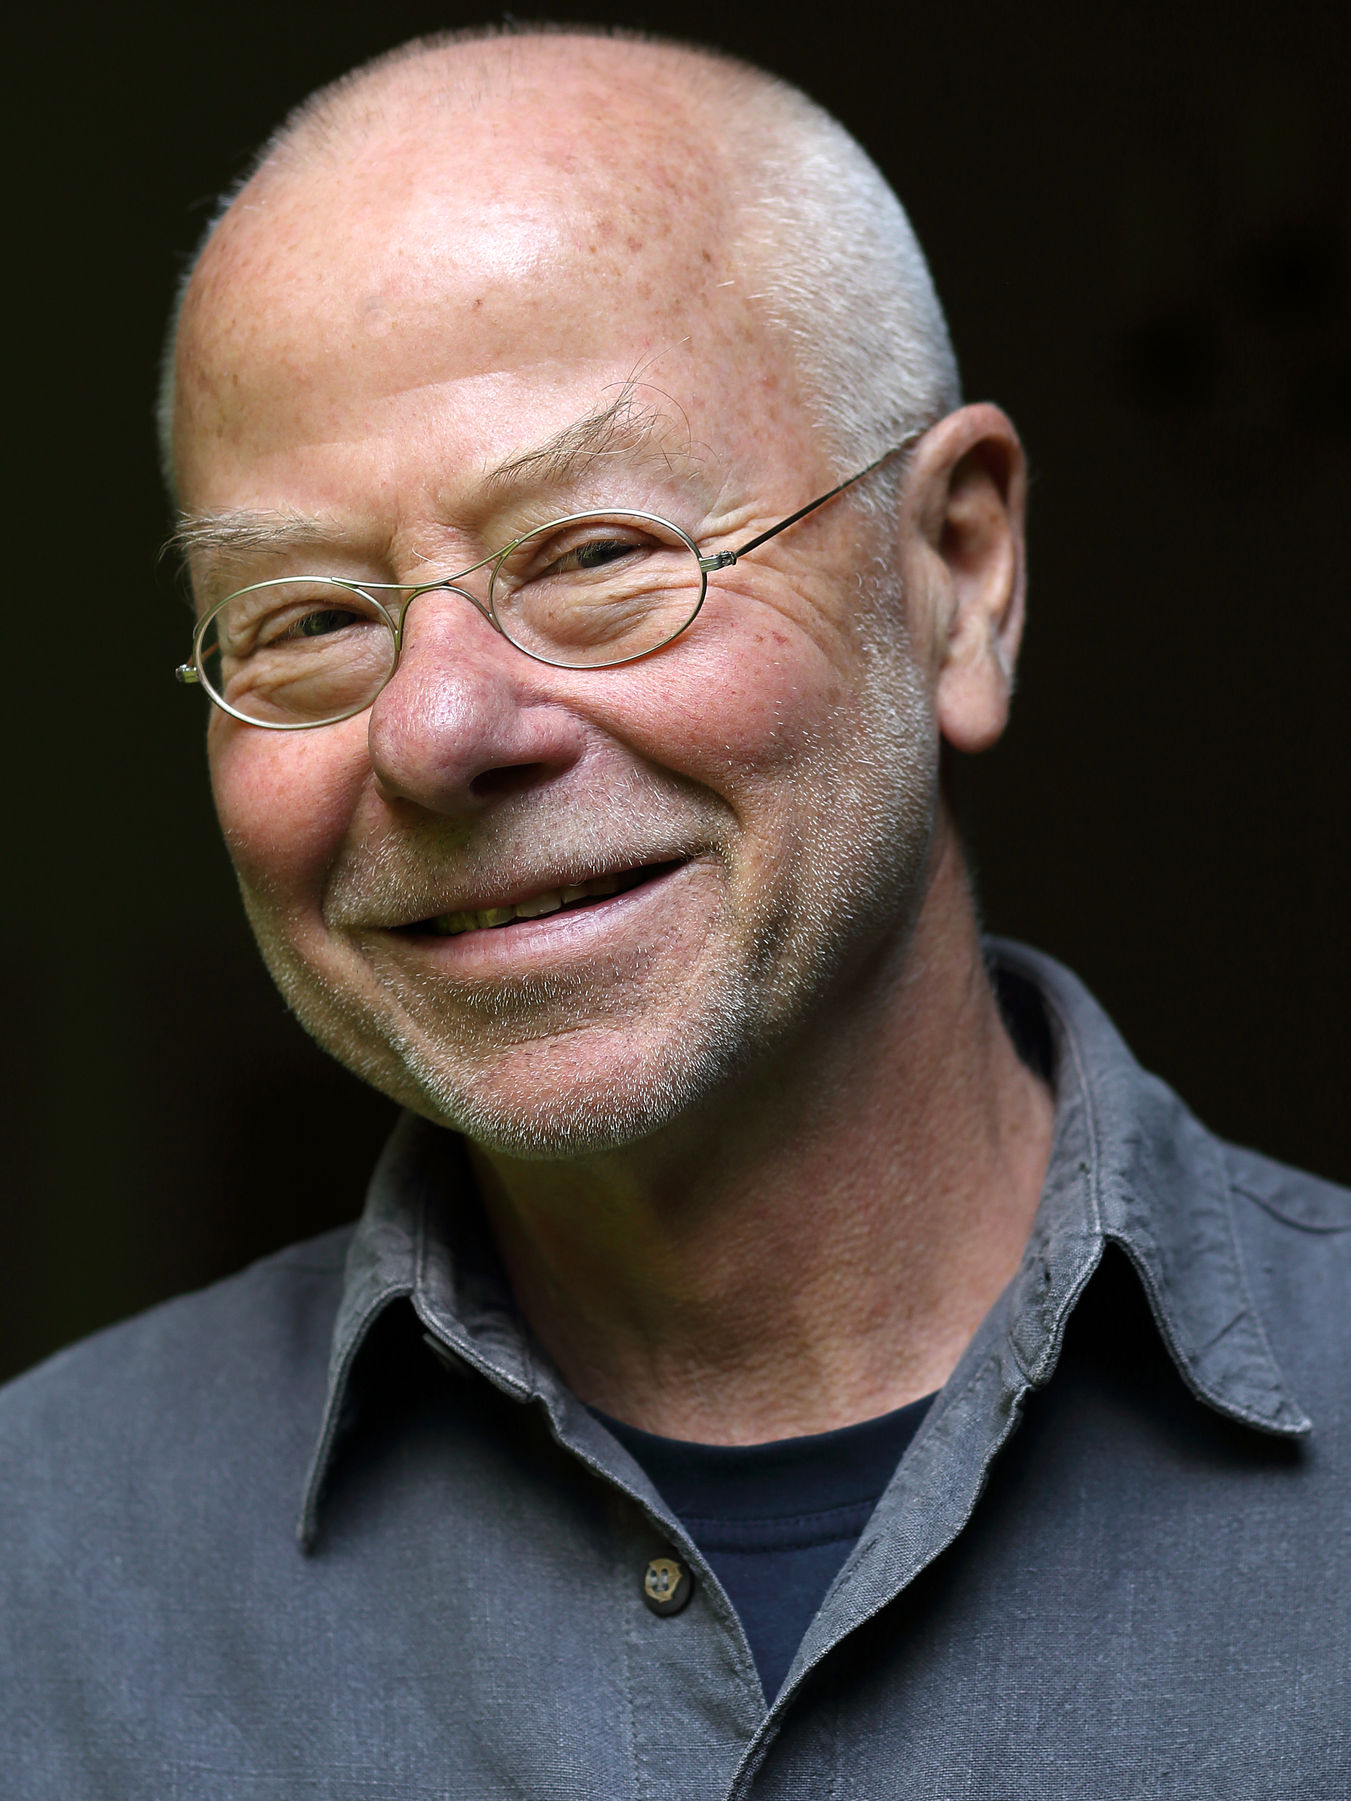 Wilfried Loll